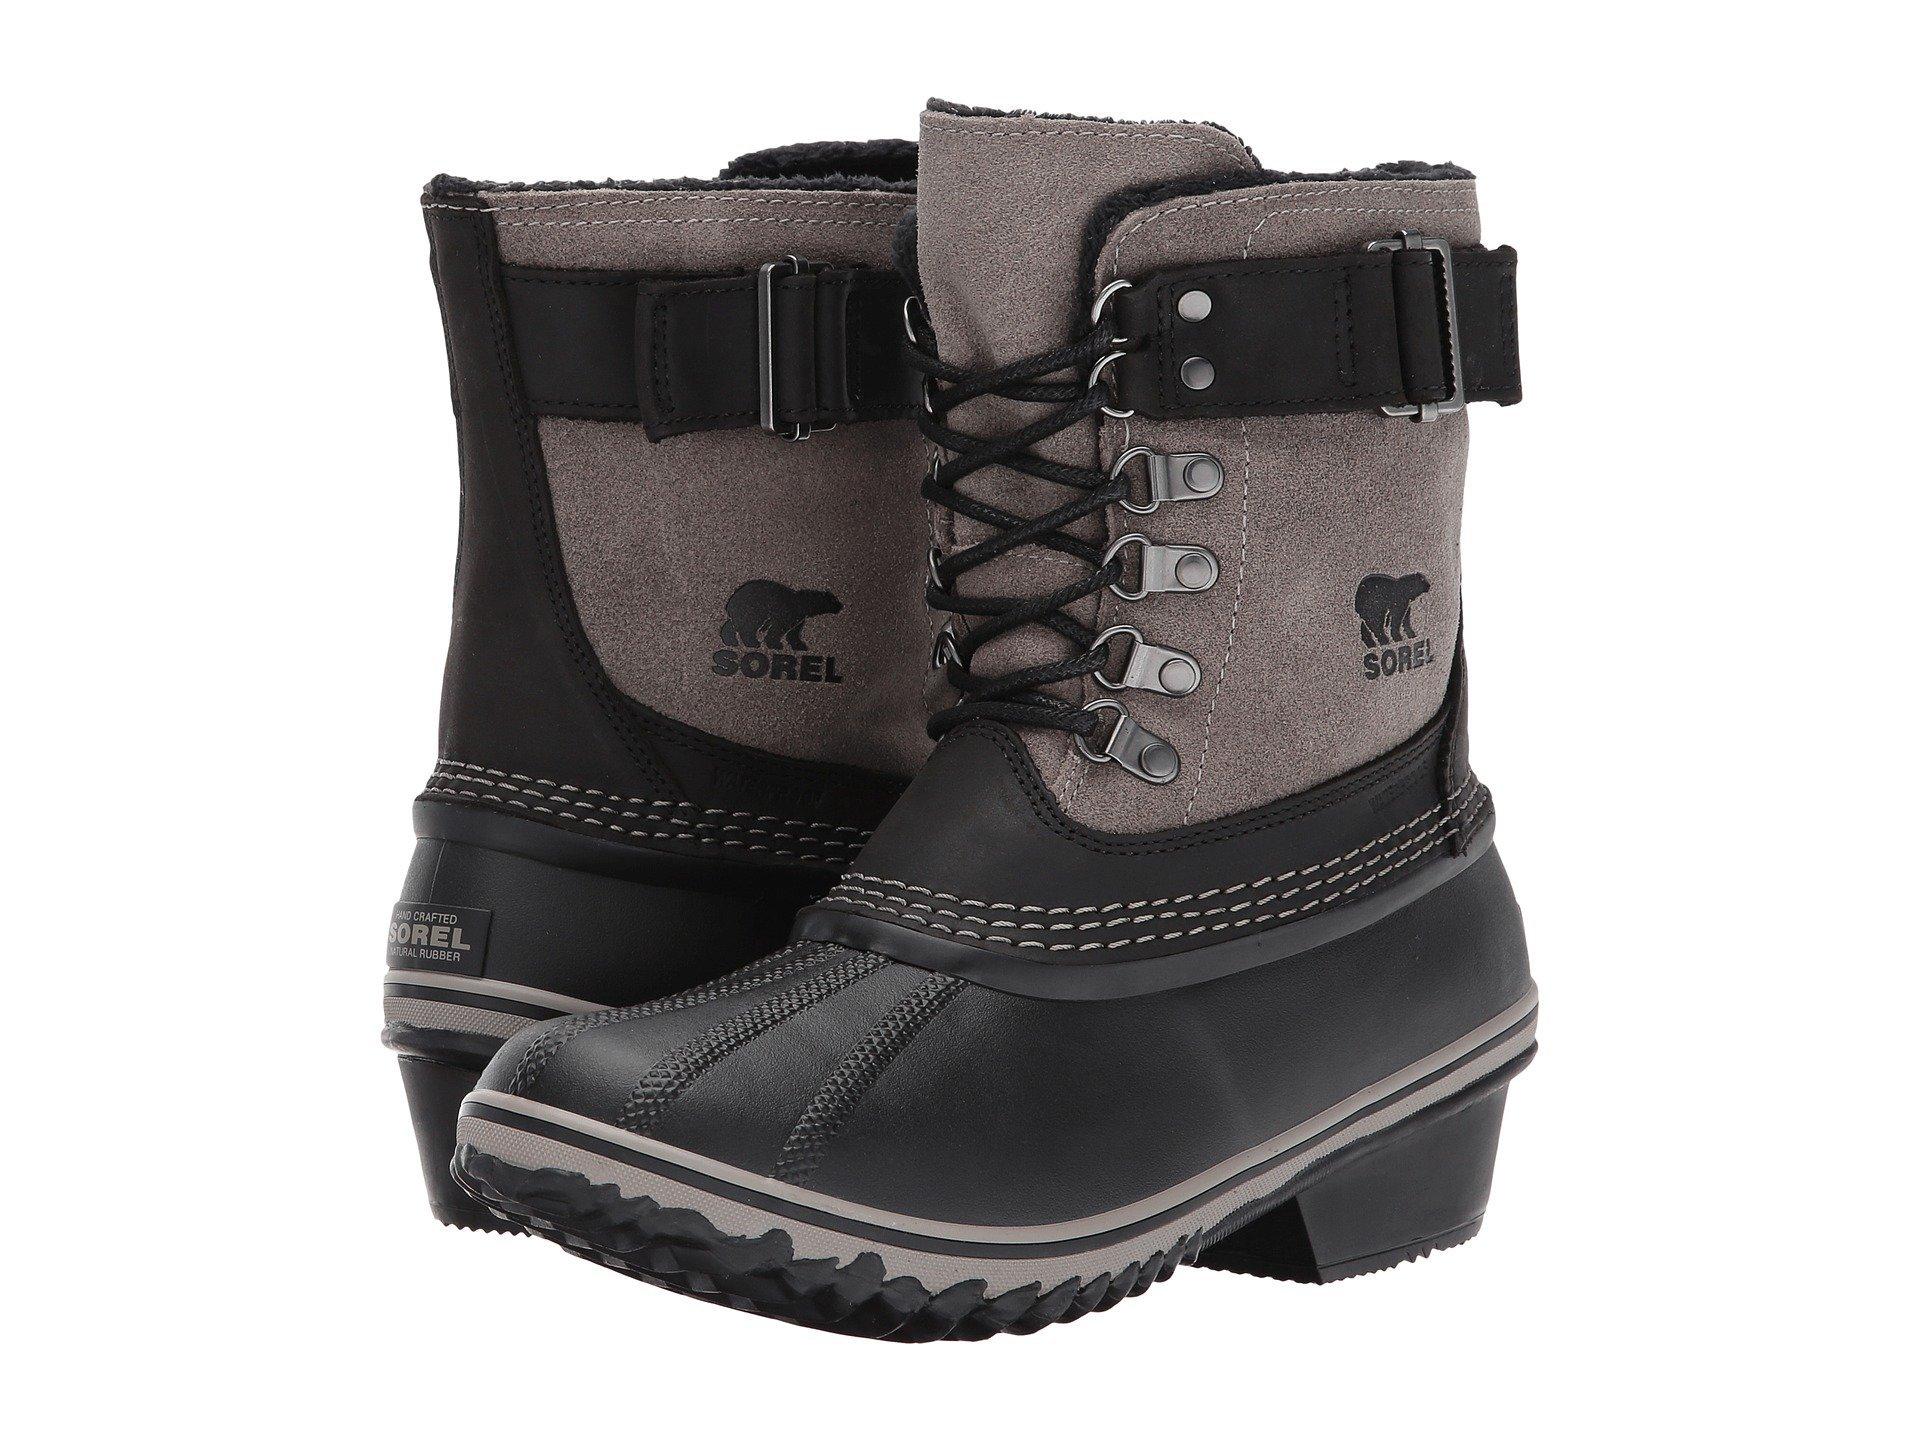 SOREL Women's Winter Fancy Lace Ii-w Snow Boot (39 M EU/8 B(M) US, Black, Kettle)